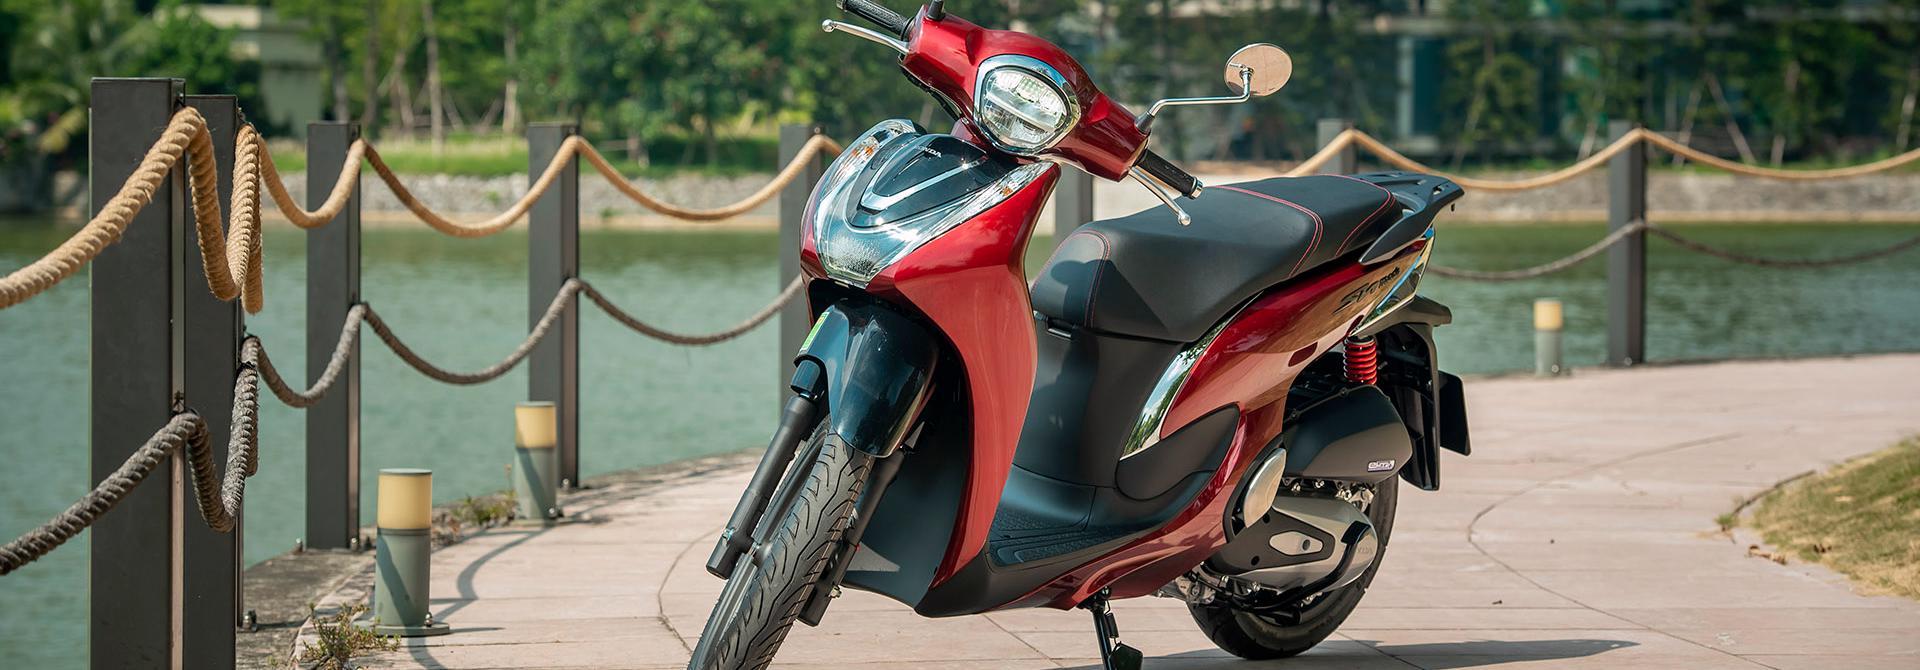 Xe tay ga Honda SH Mode 2020 ra mắt, giá từ 53 triệu đồng